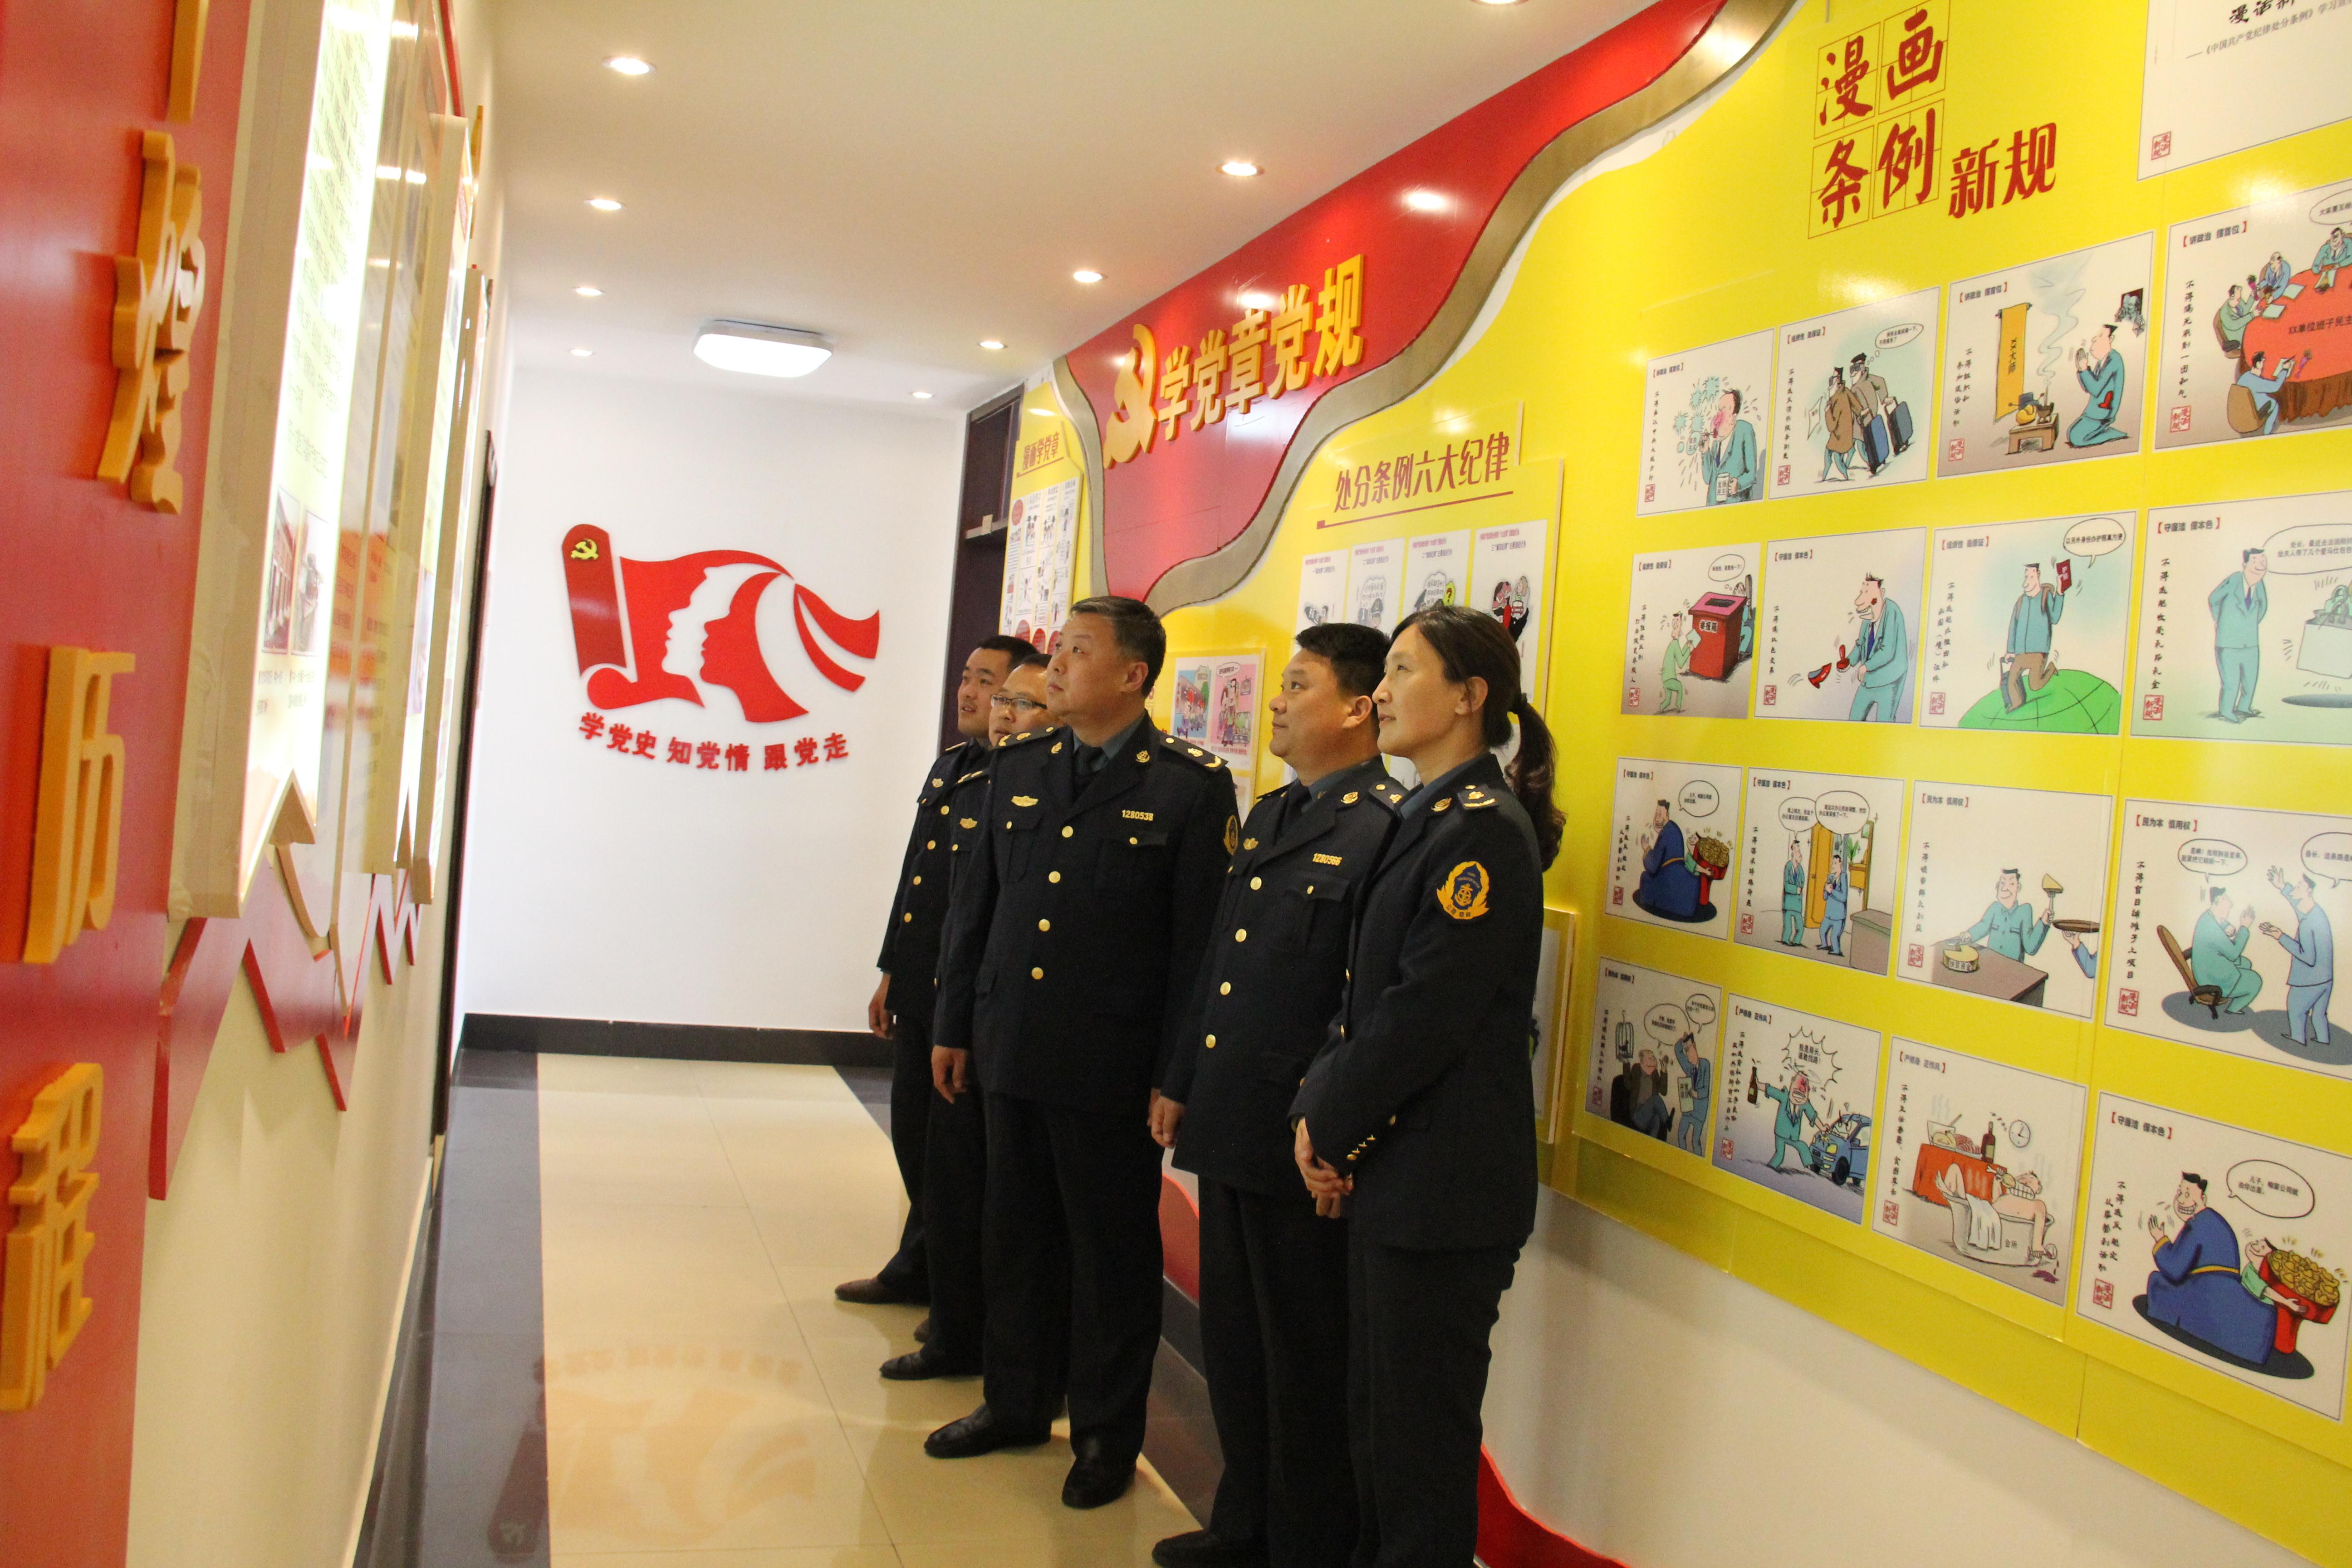 沂水公路党建品牌聚人心 激发活力跨越发展